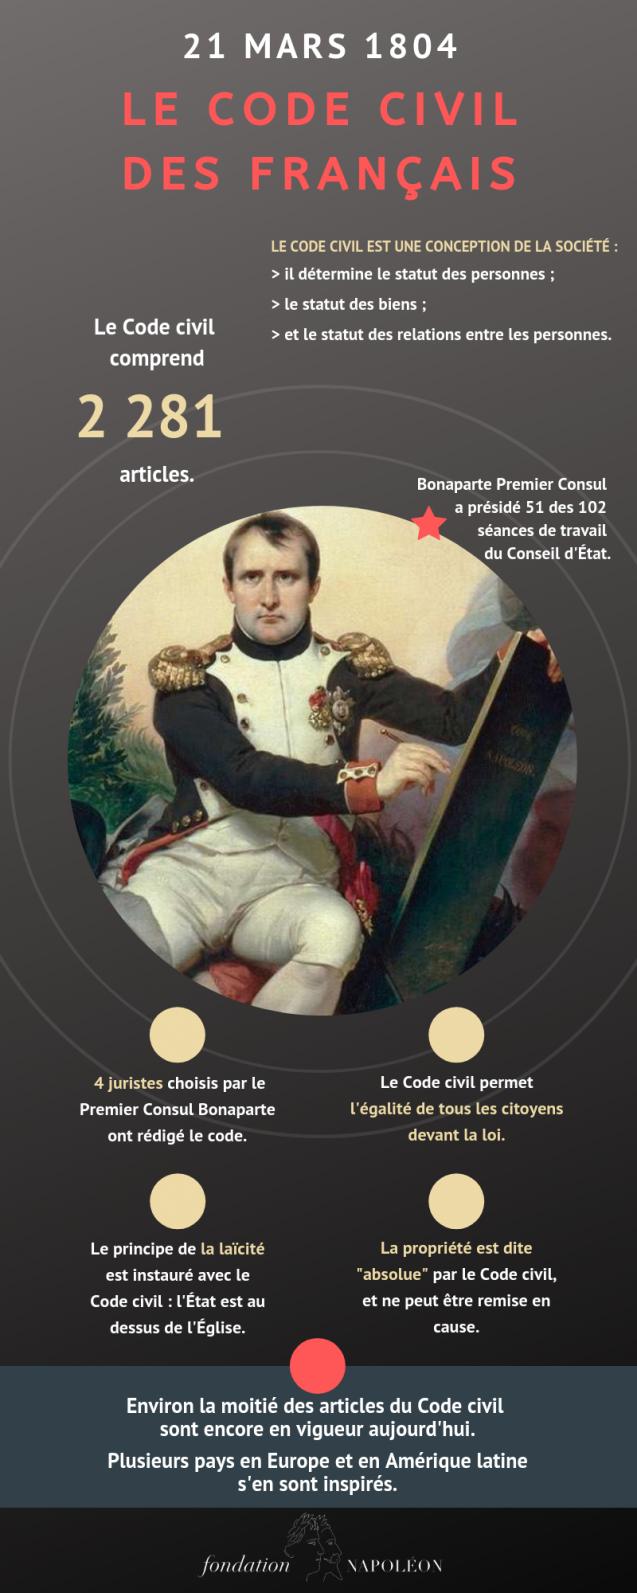 Le Code civil des Français, 21 mars 1804 : un seul code de lois, pour tous, partout en France